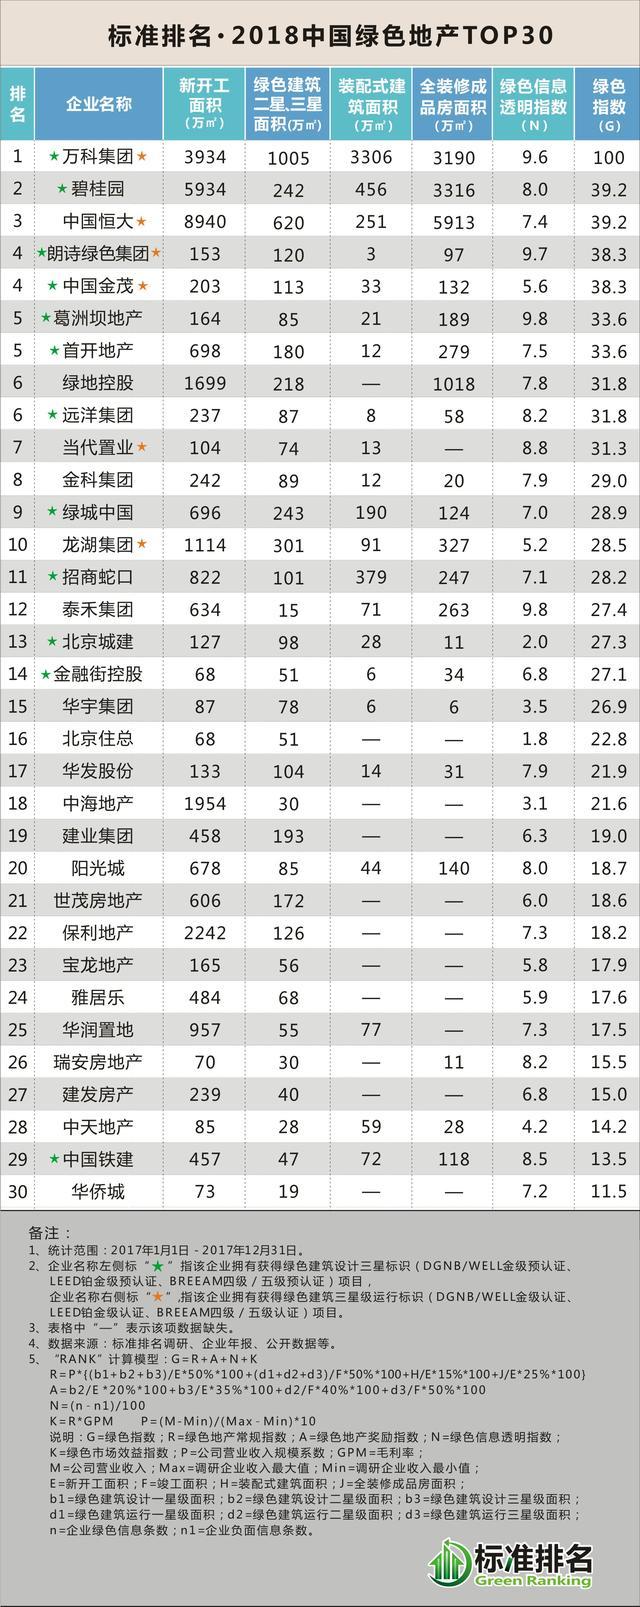 刘志峰:住房空置面积超50亿,要通过绿色更新和资源盘活利用